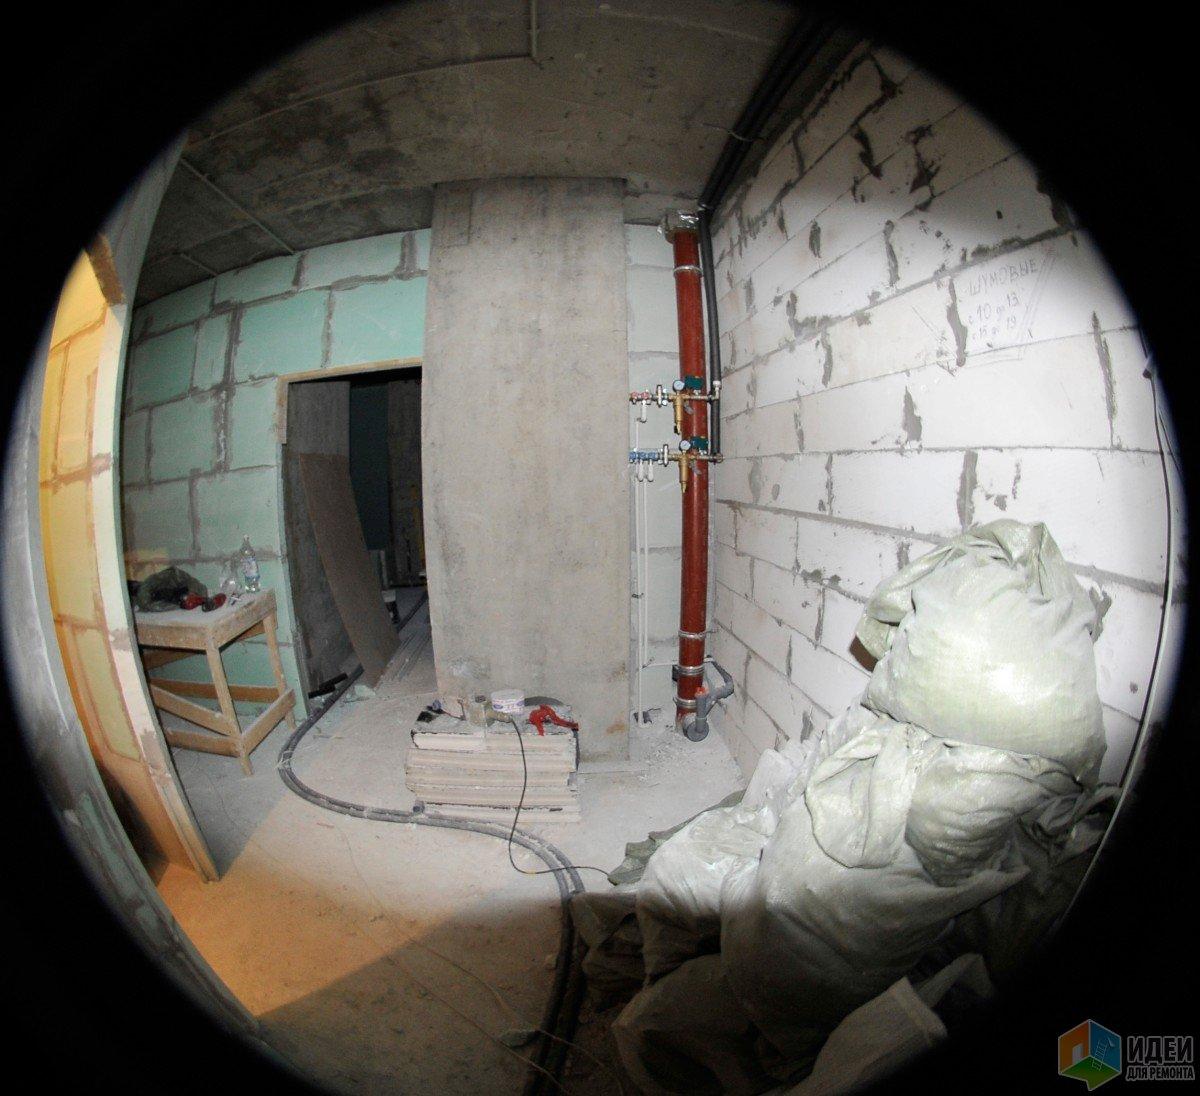 А вот и стояк, где в будущем будет висеть люк, который мне надо закрыть)))